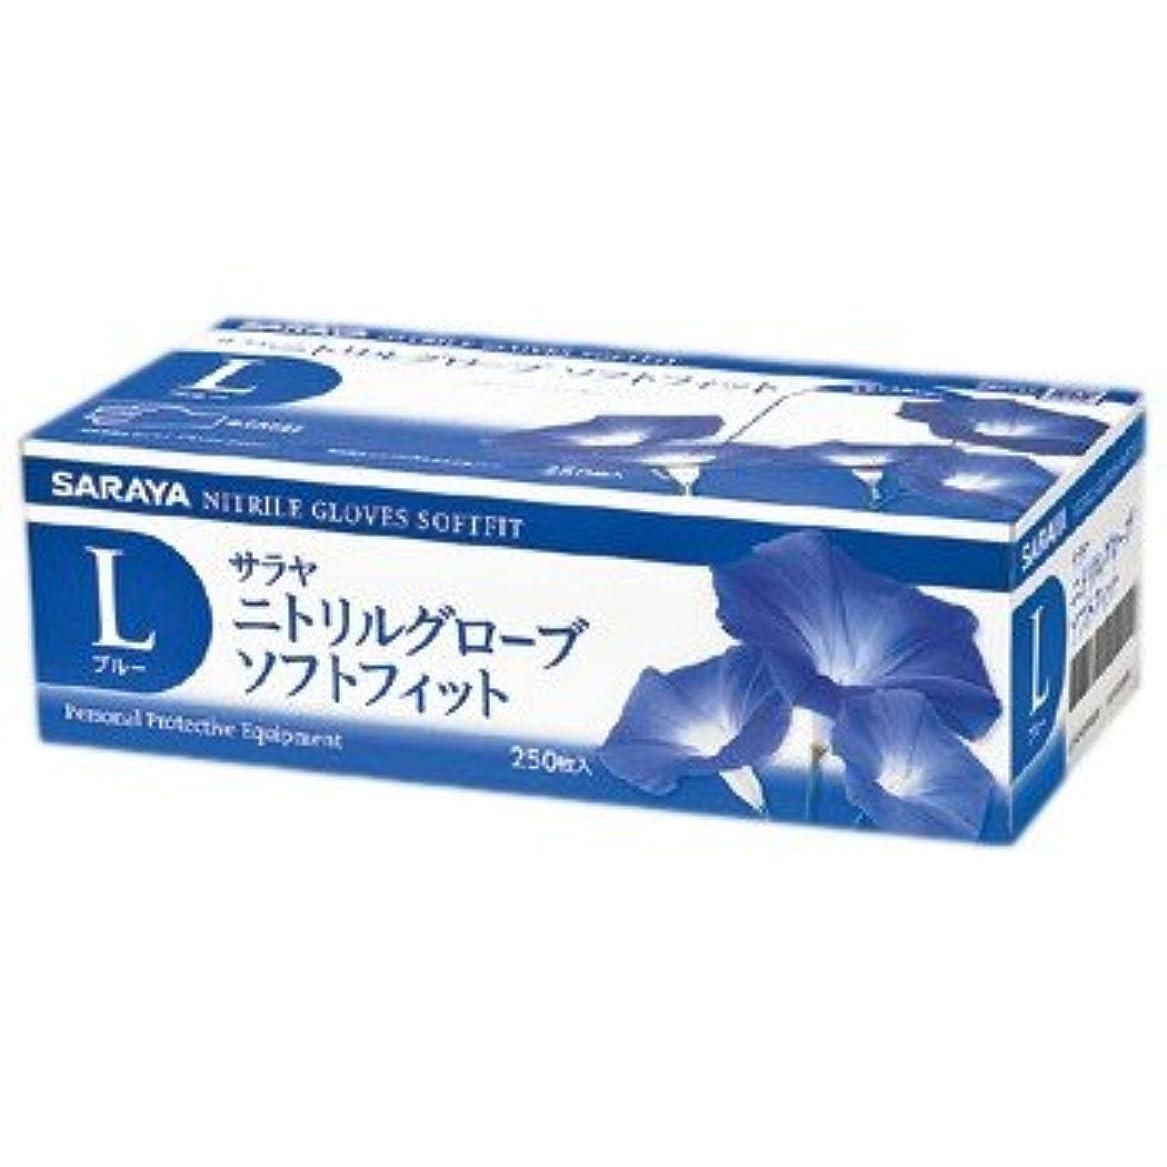 サラヤ ニトリルグローブ ソフトフィット パウダーフリー ブルー L 250枚×10箱入